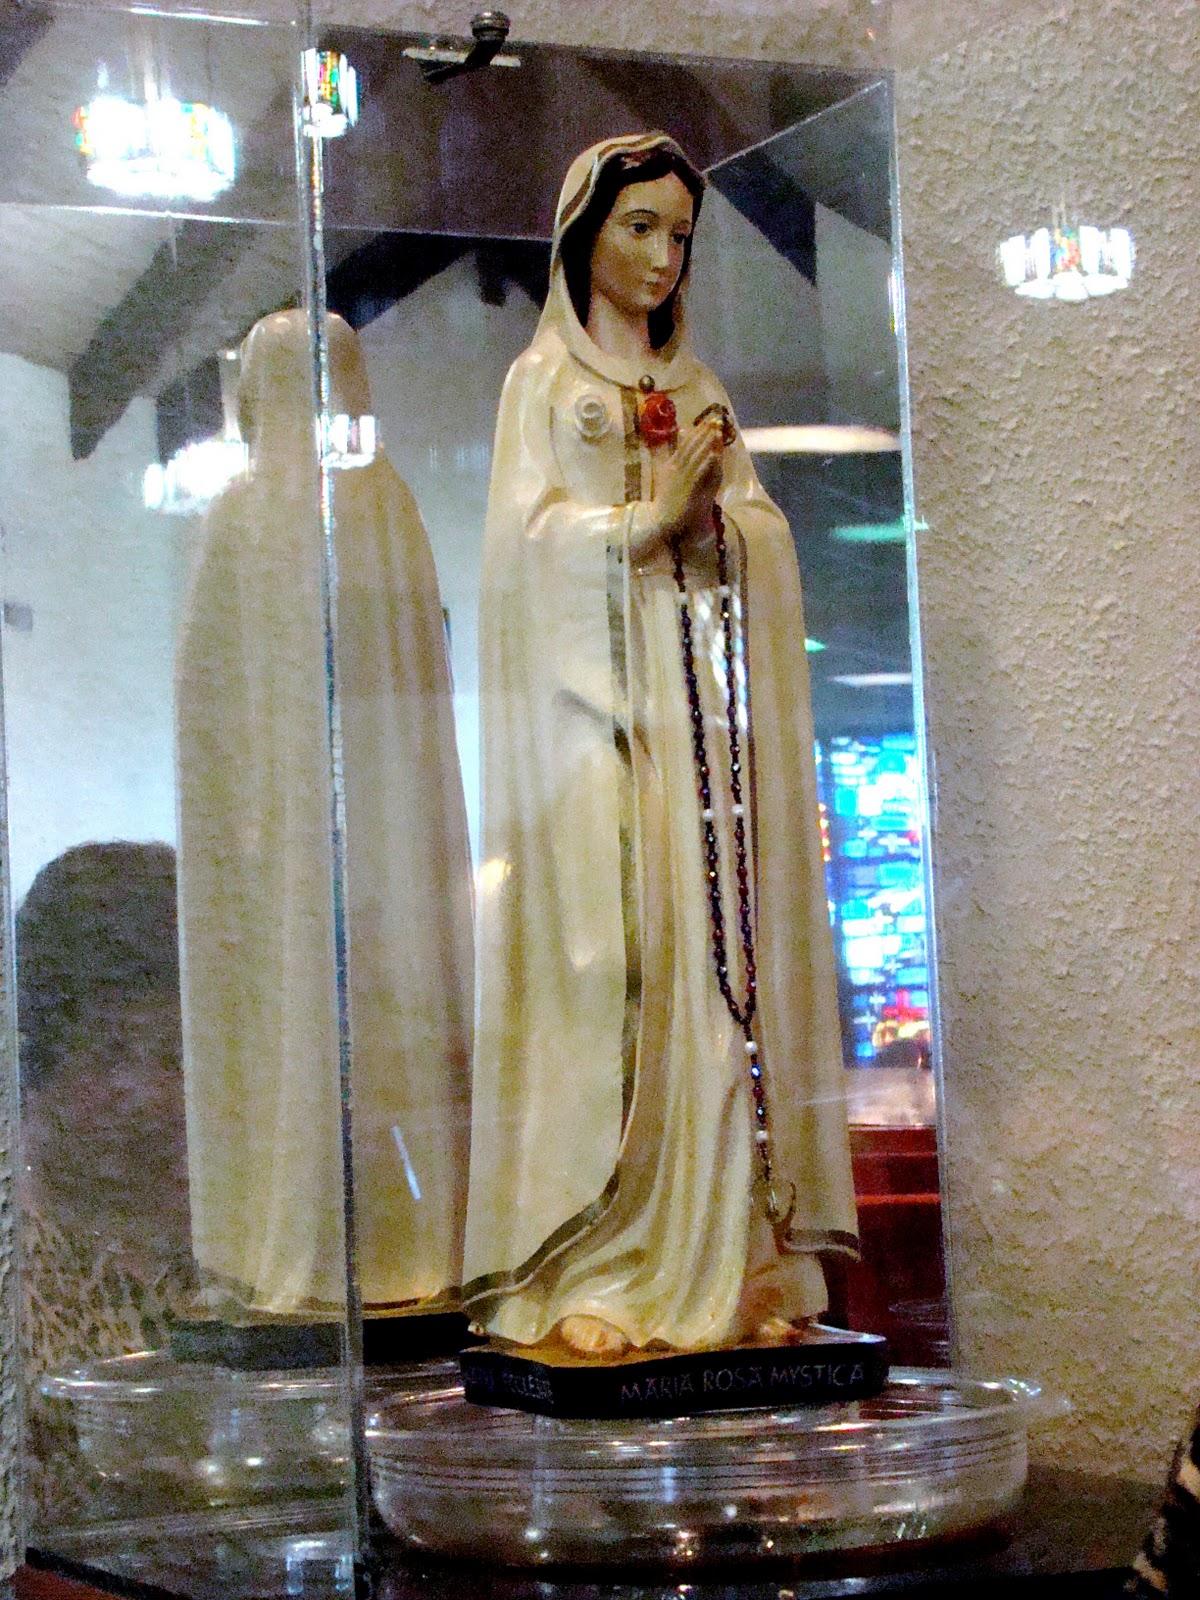 IMAGENES RELIGIOSAS María Rosa Mística - Imagenes De La Virgen Con Rosas